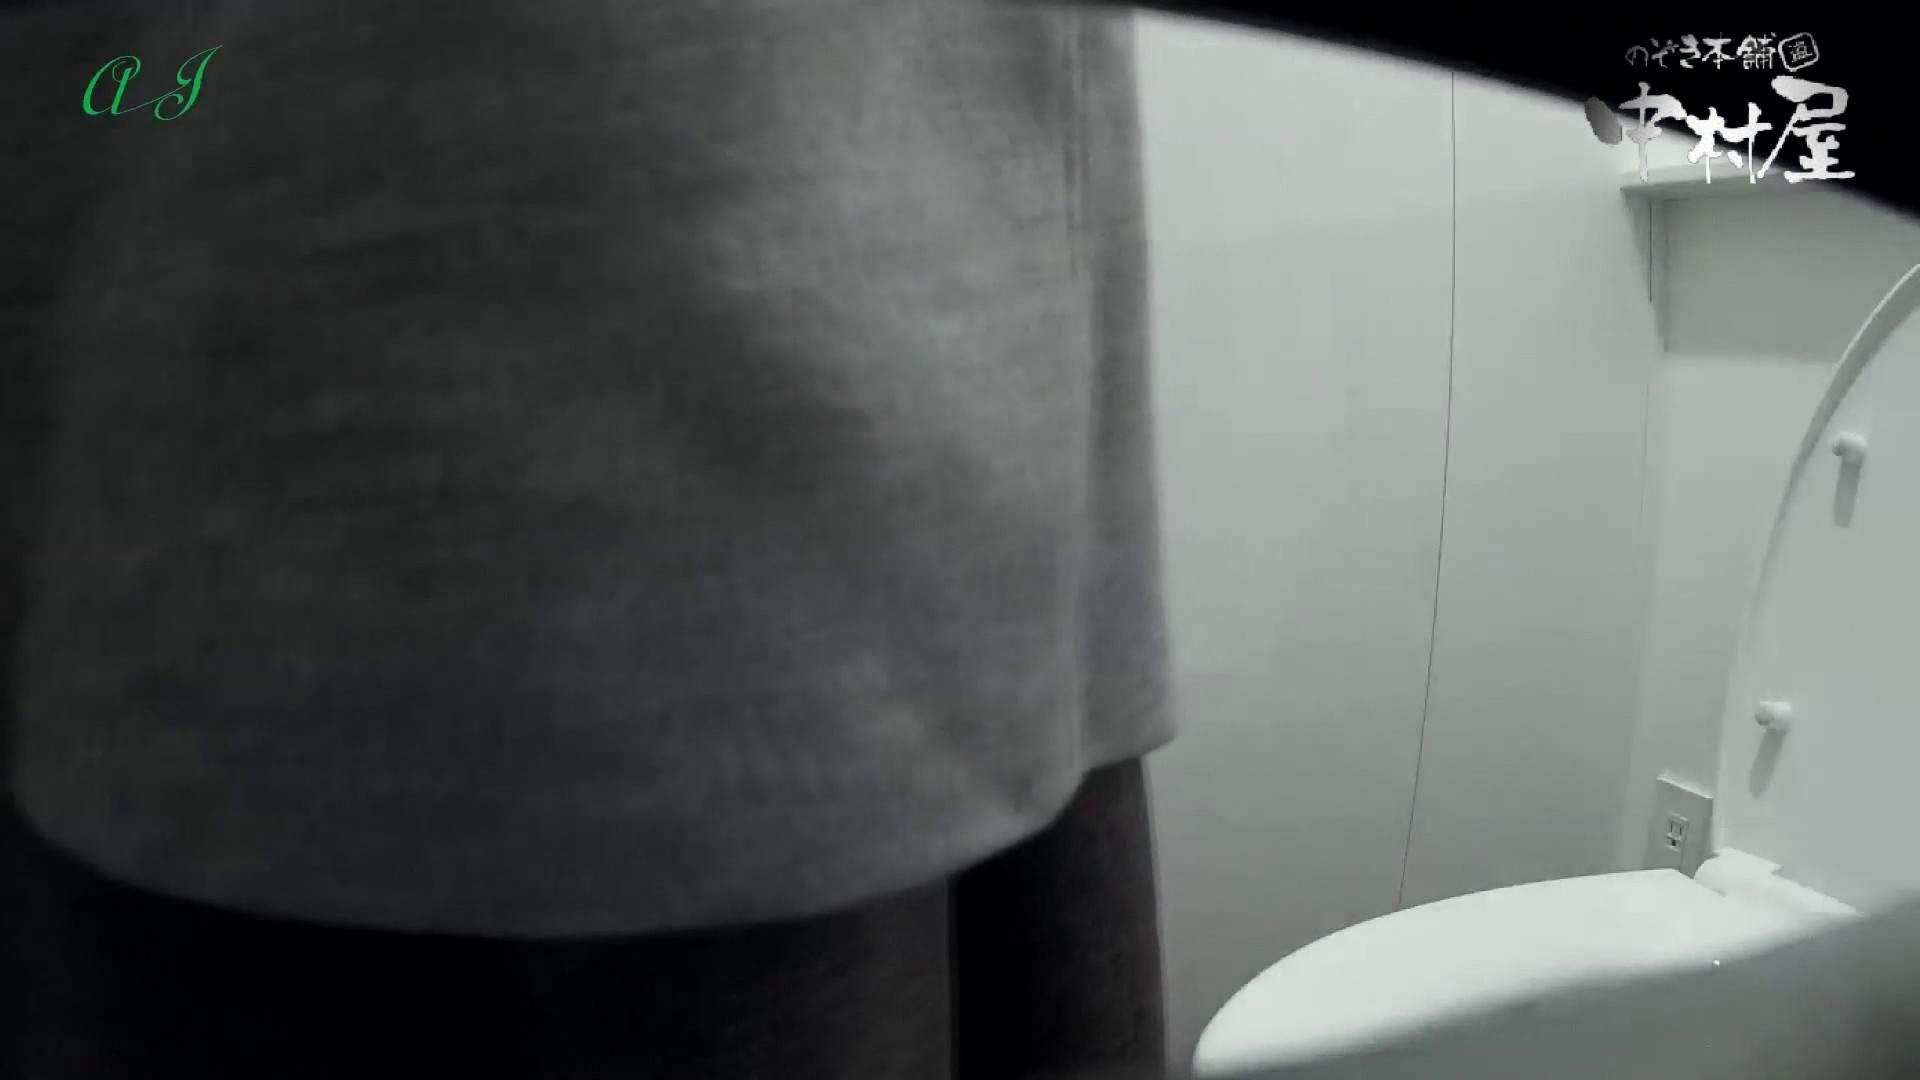 有名大学女性洗面所 vol.61 お久しぶりです。美しい物を美しく撮れました HなOL | 投稿  96pic 53